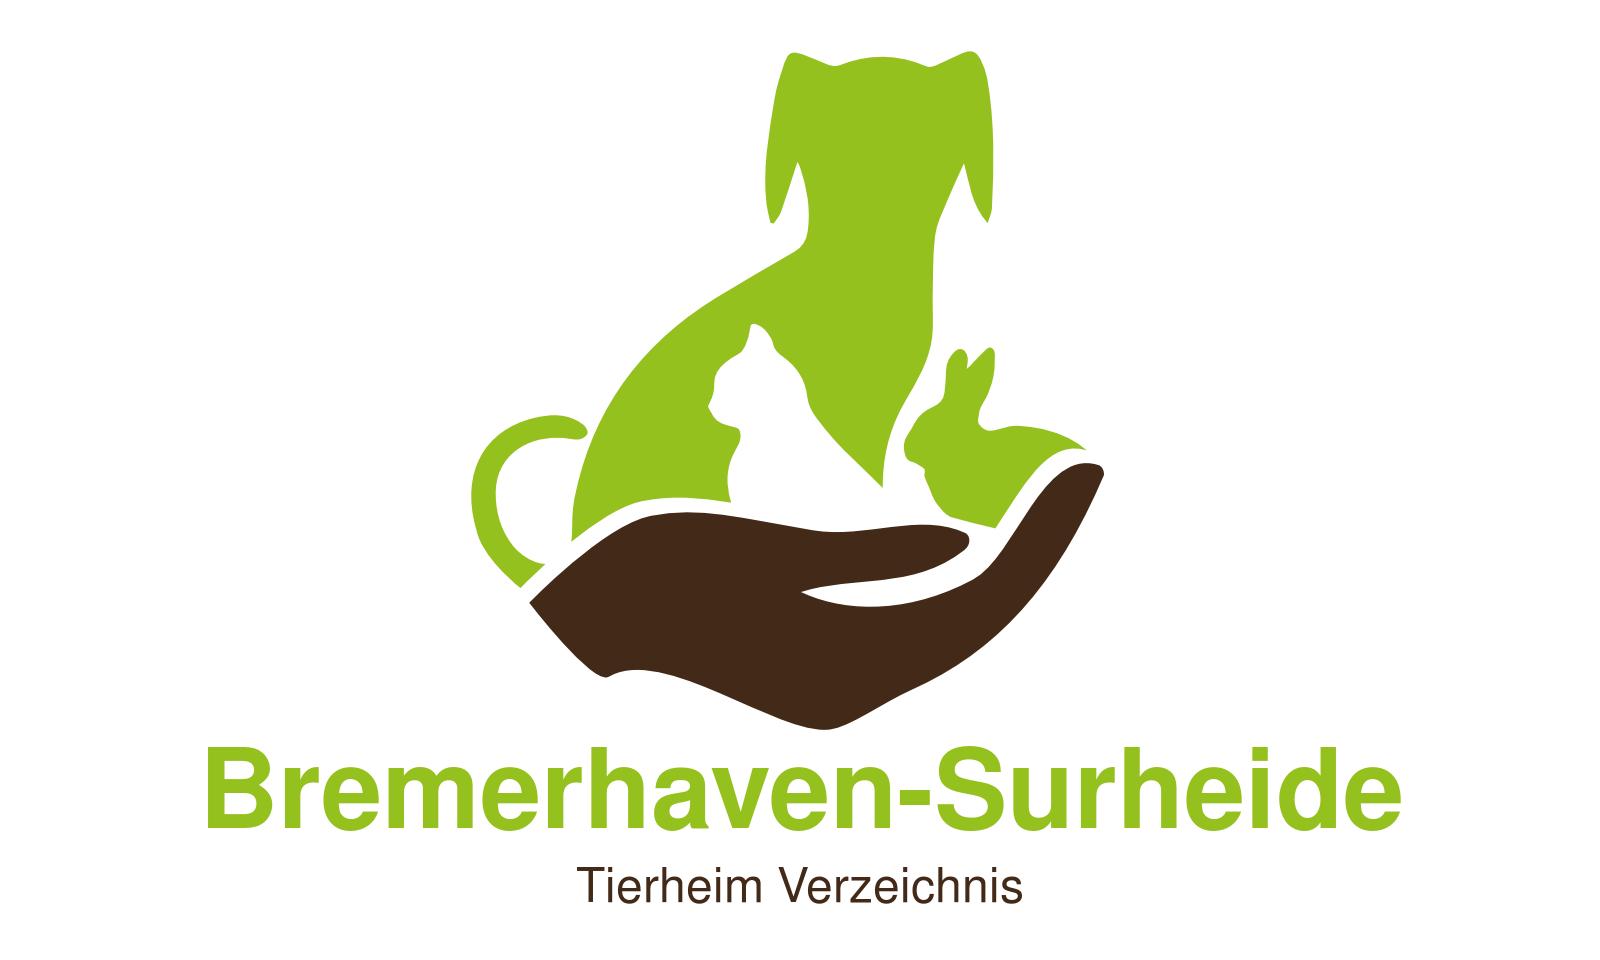 Tierheim Bremerhaven Surheide